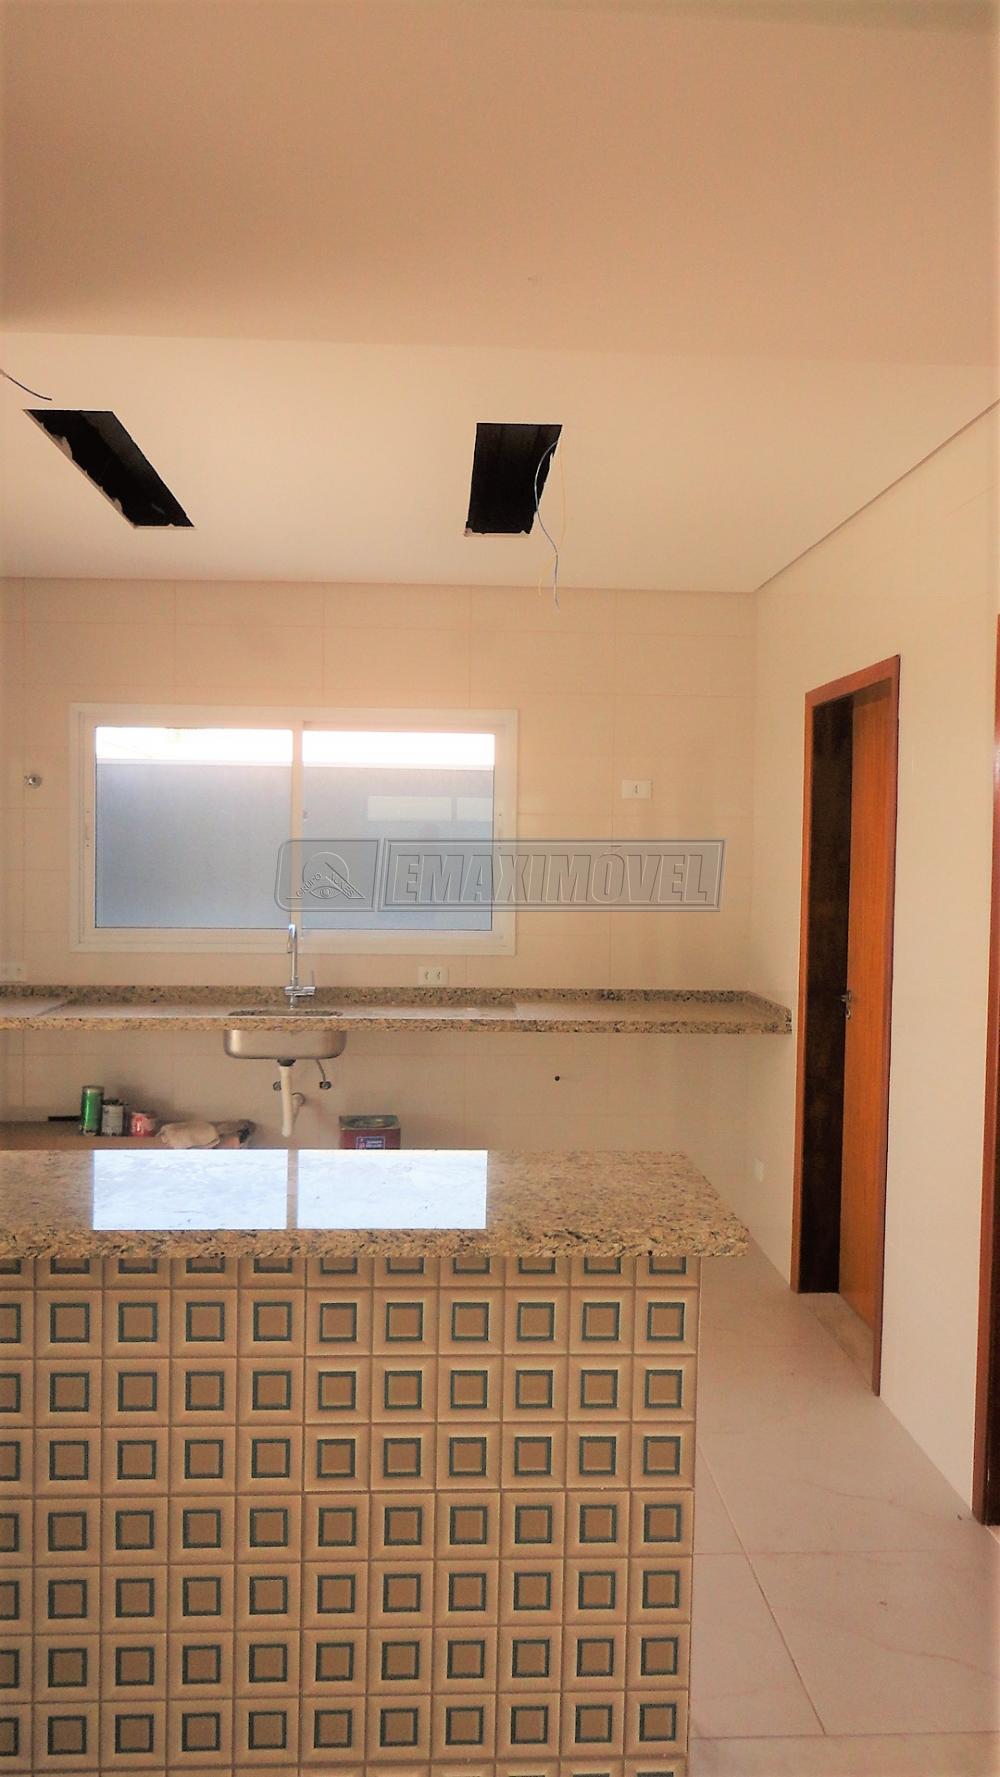 Comprar Casas / em Condomínios em Sorocaba apenas R$ 1.150.000,00 - Foto 4